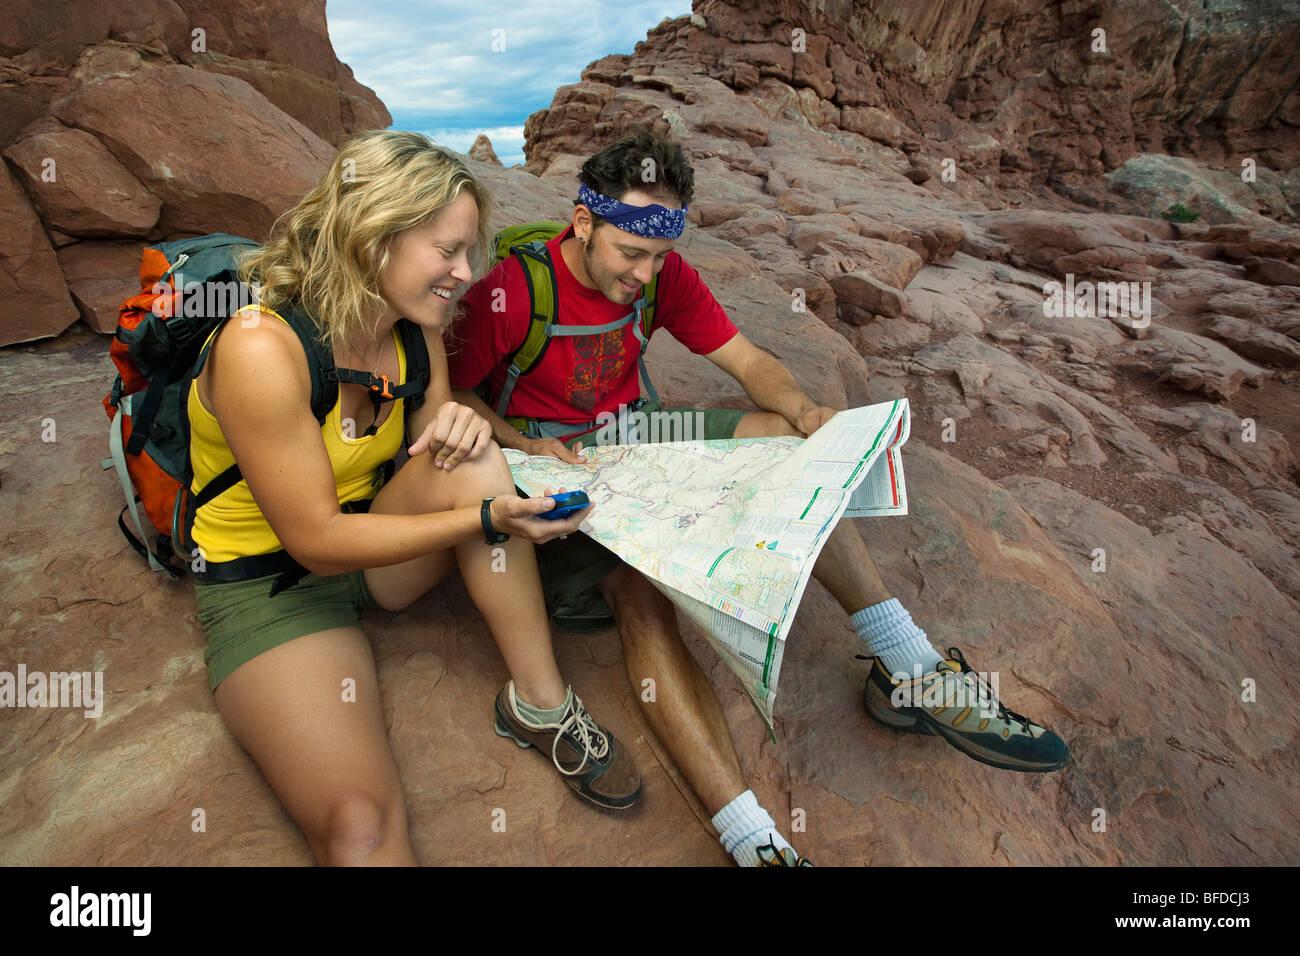 Un sonriente pareja utilizando un mapa y GPS en el Parque Nacional de Arches, en Utah. Imagen De Stock